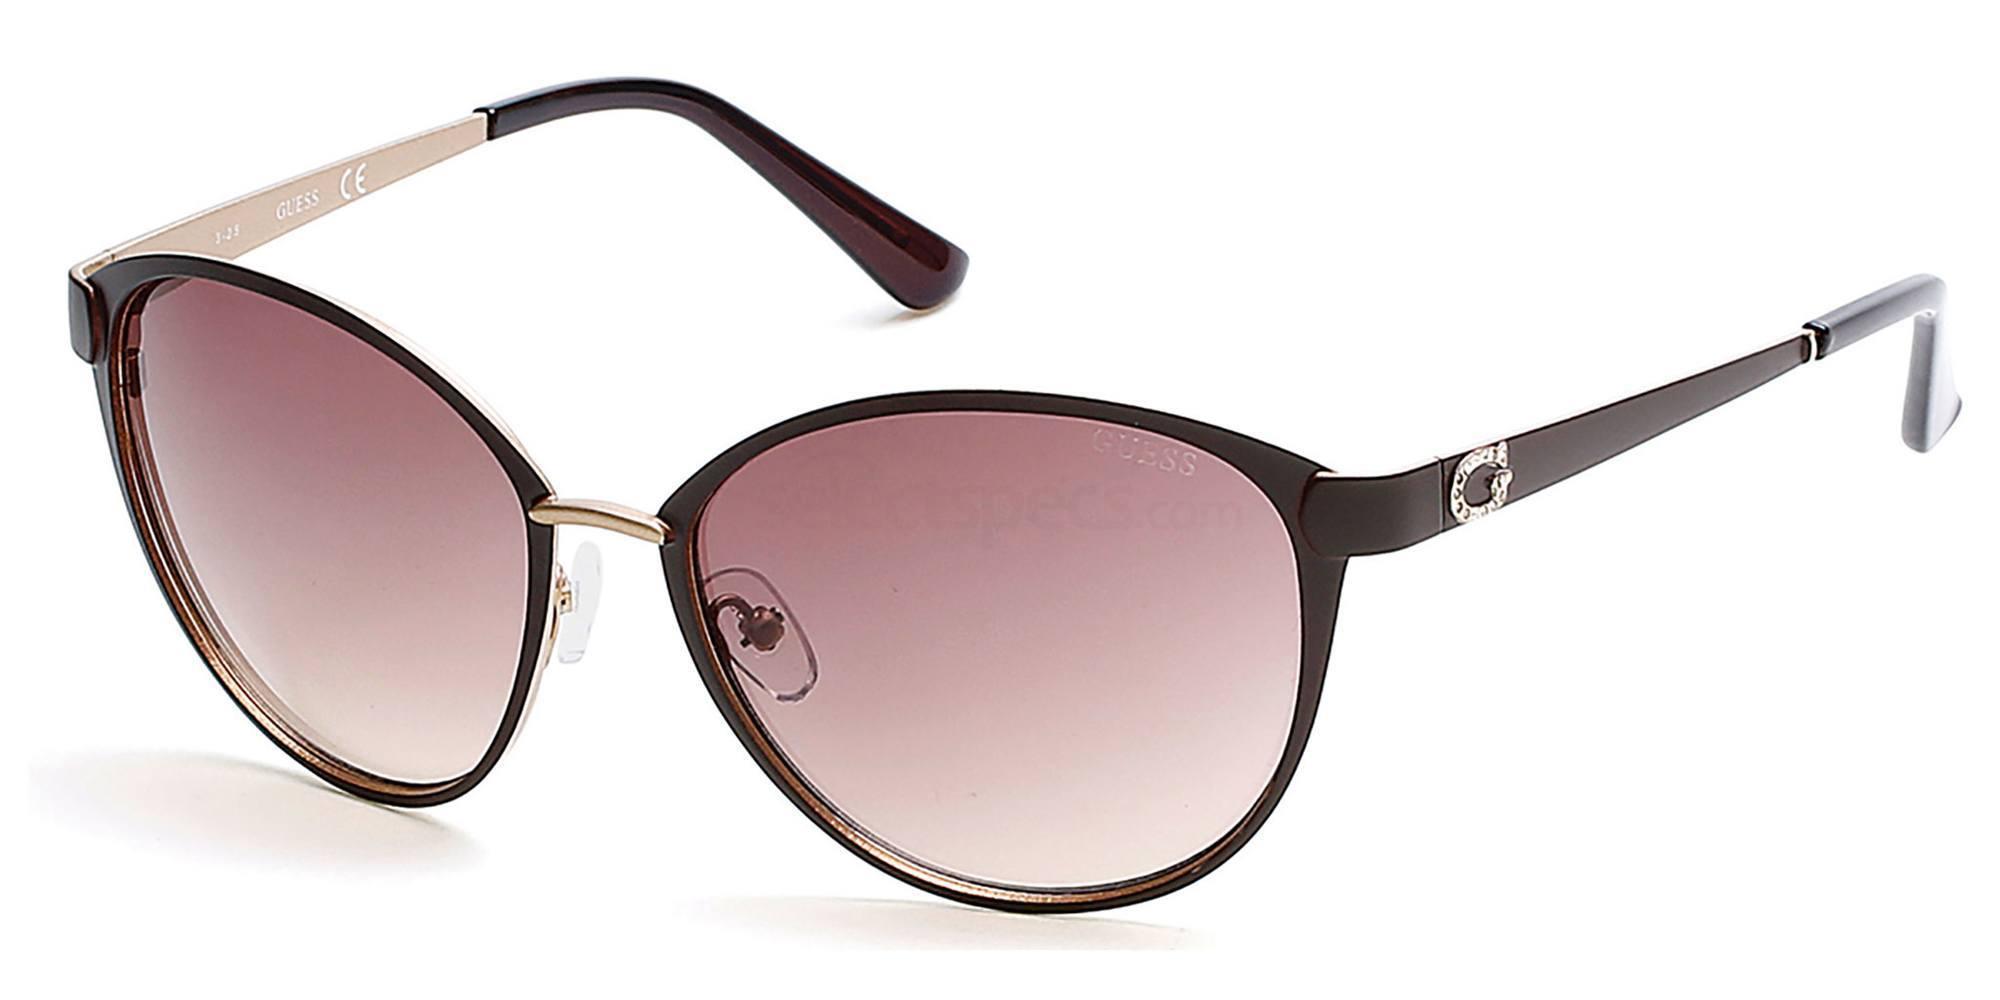 49F GU7442 Sunglasses, Guess